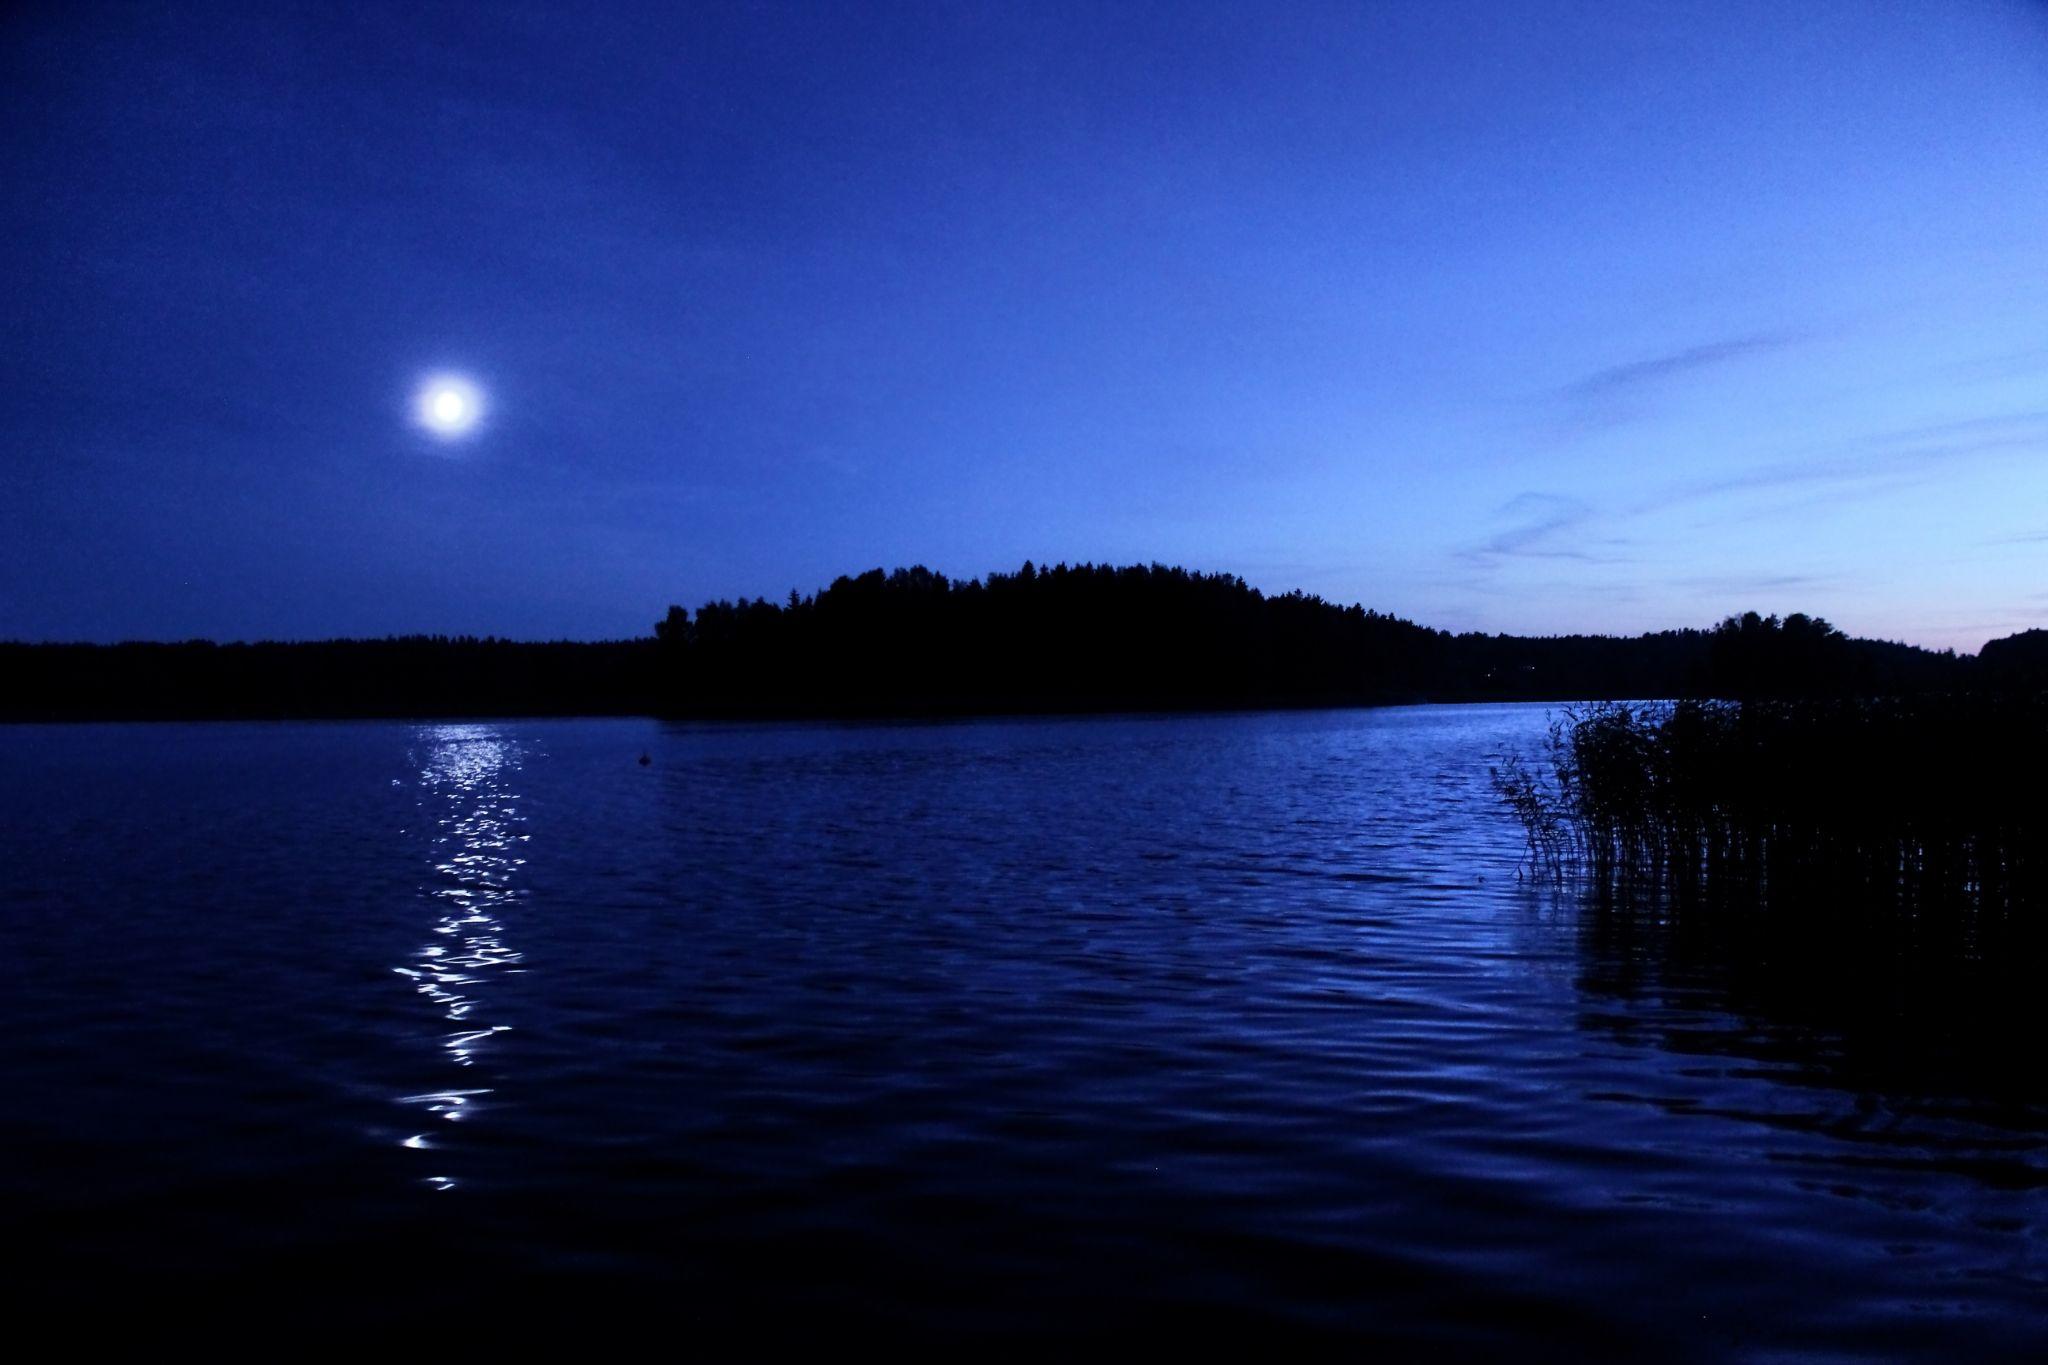 Moonlight serenade by Janne Peimola